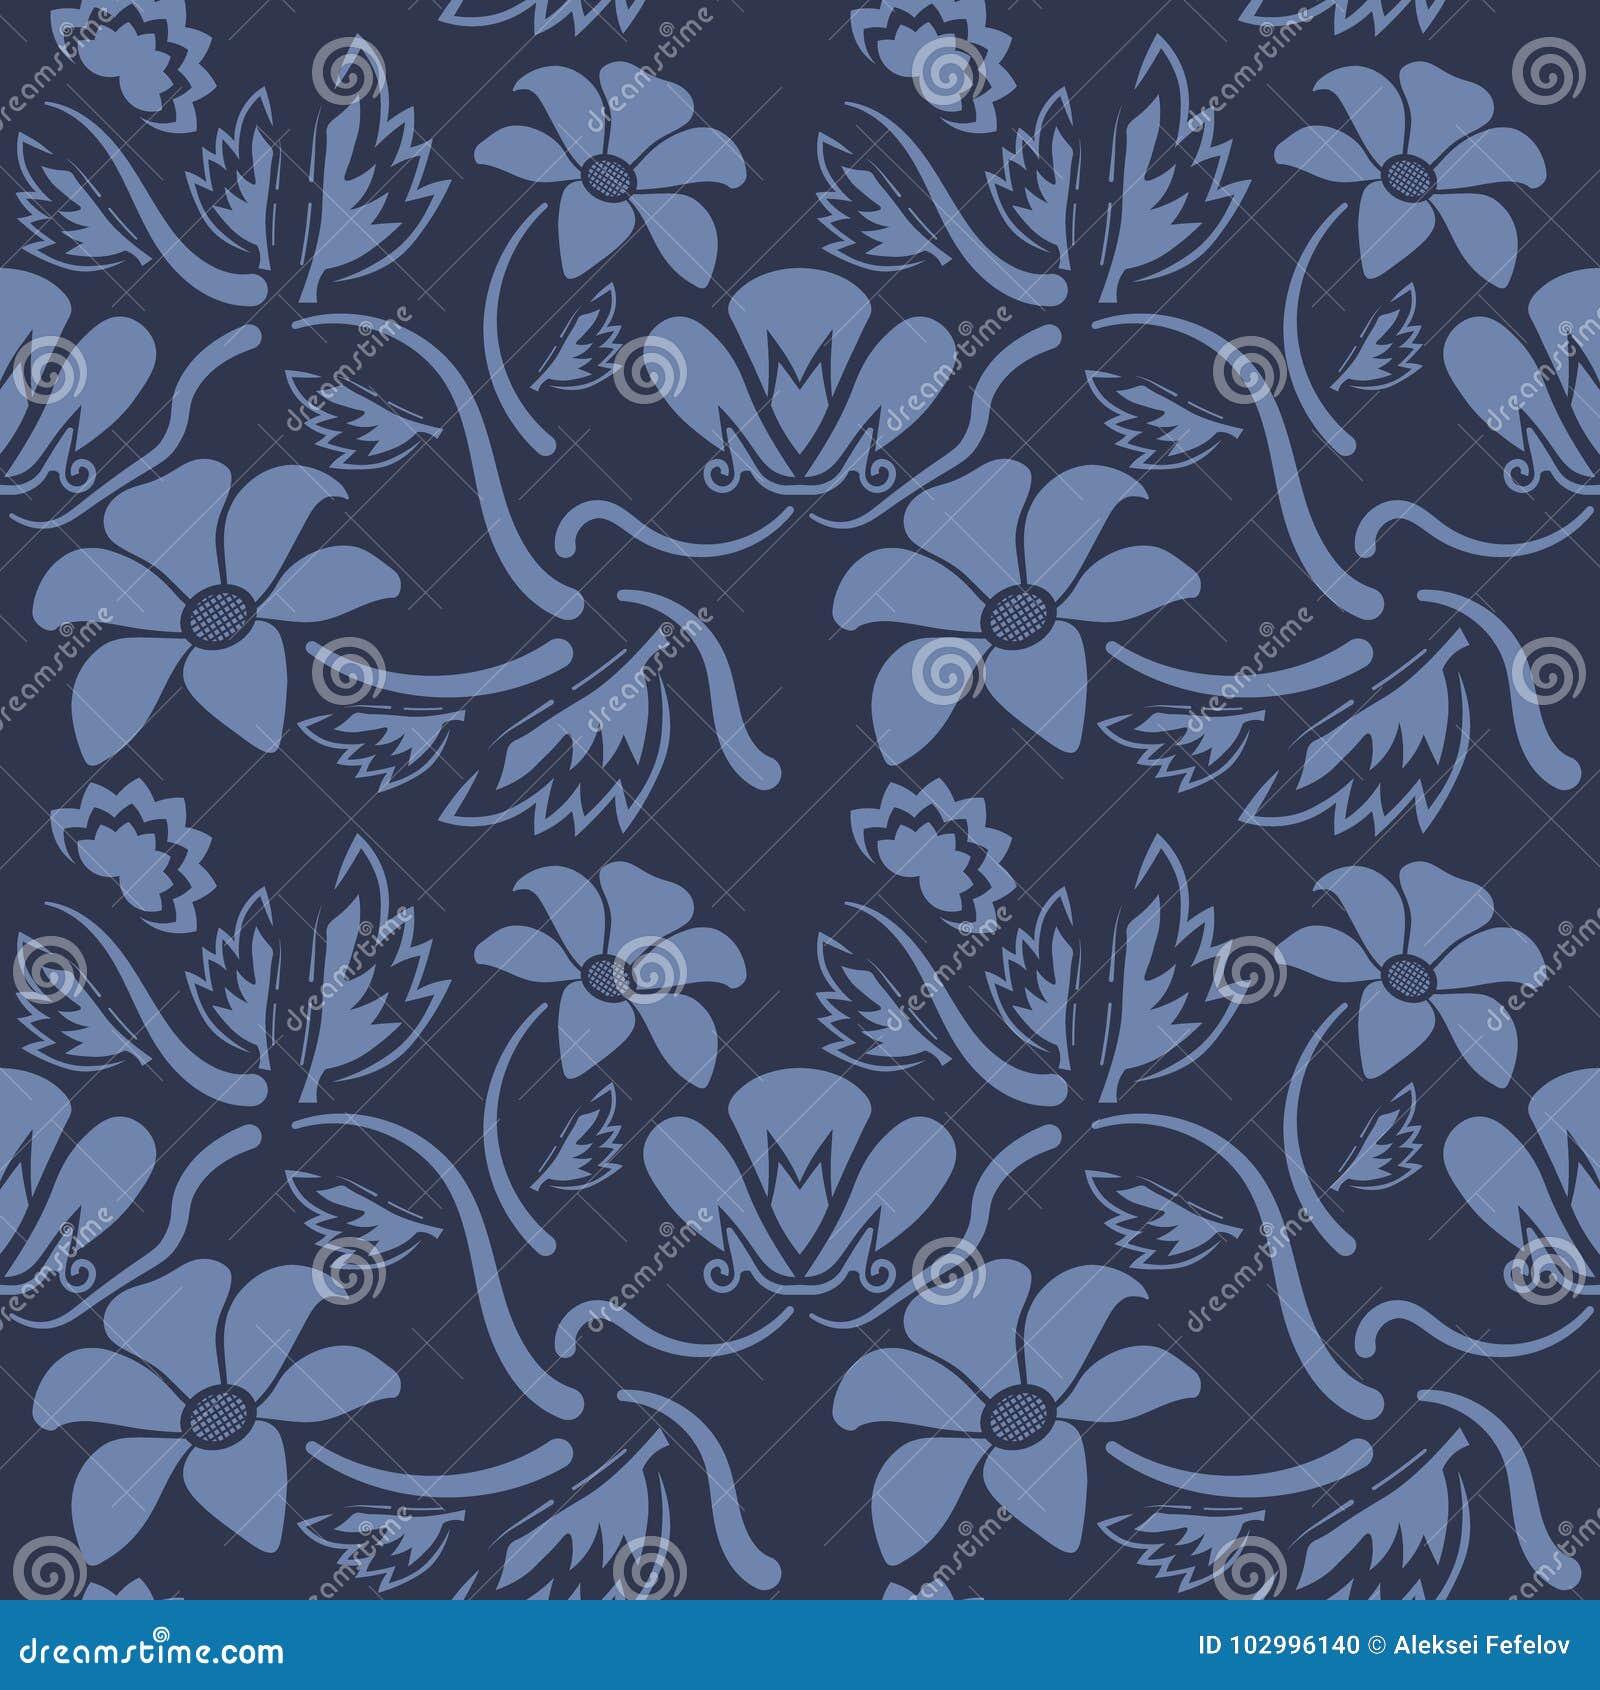 Άνευ ραφής μπλε floral σχέδιο, διάνυσμα Η ατελείωτη σύσταση μπορεί να χρησιμοποιηθεί για την ταπετσαρία, το σχέδιο γεμίζει, υπόβα